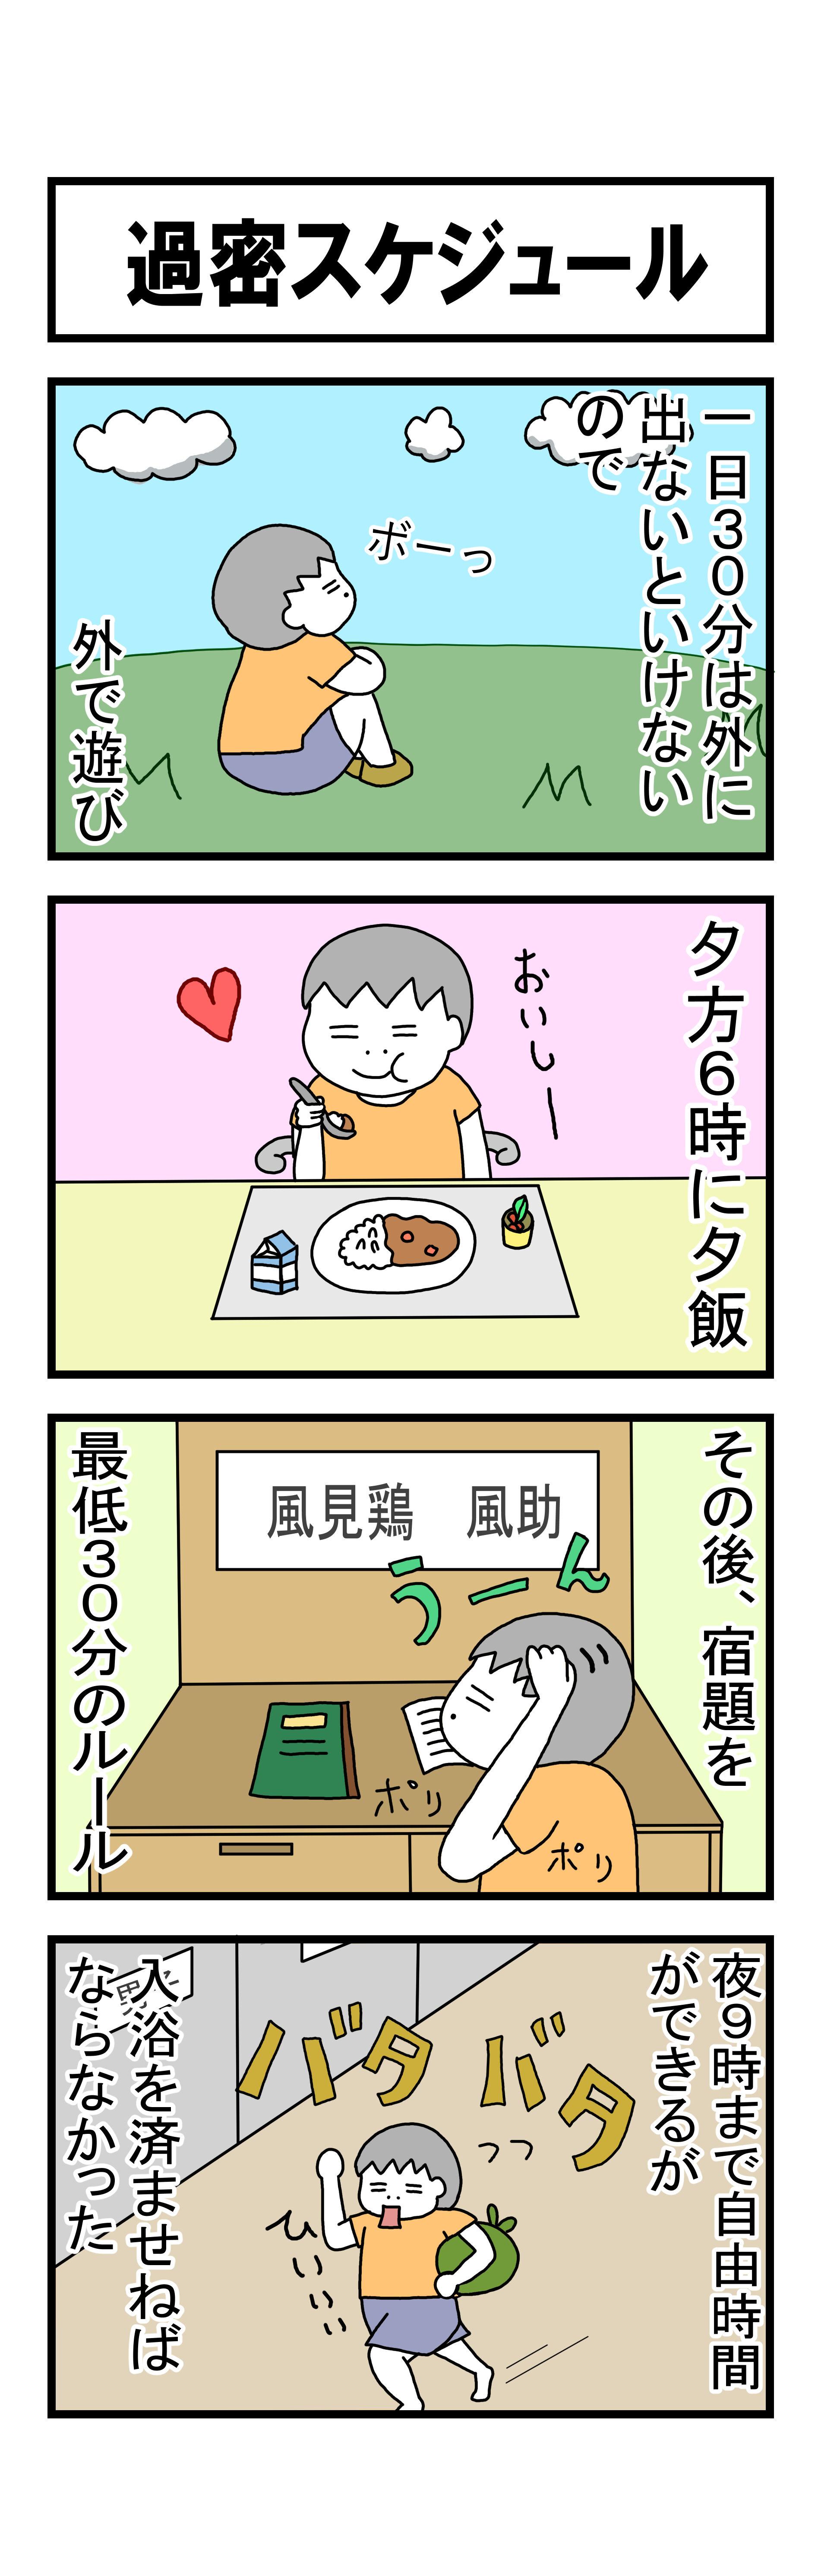 199話 【父は日本人 母は原住民族】